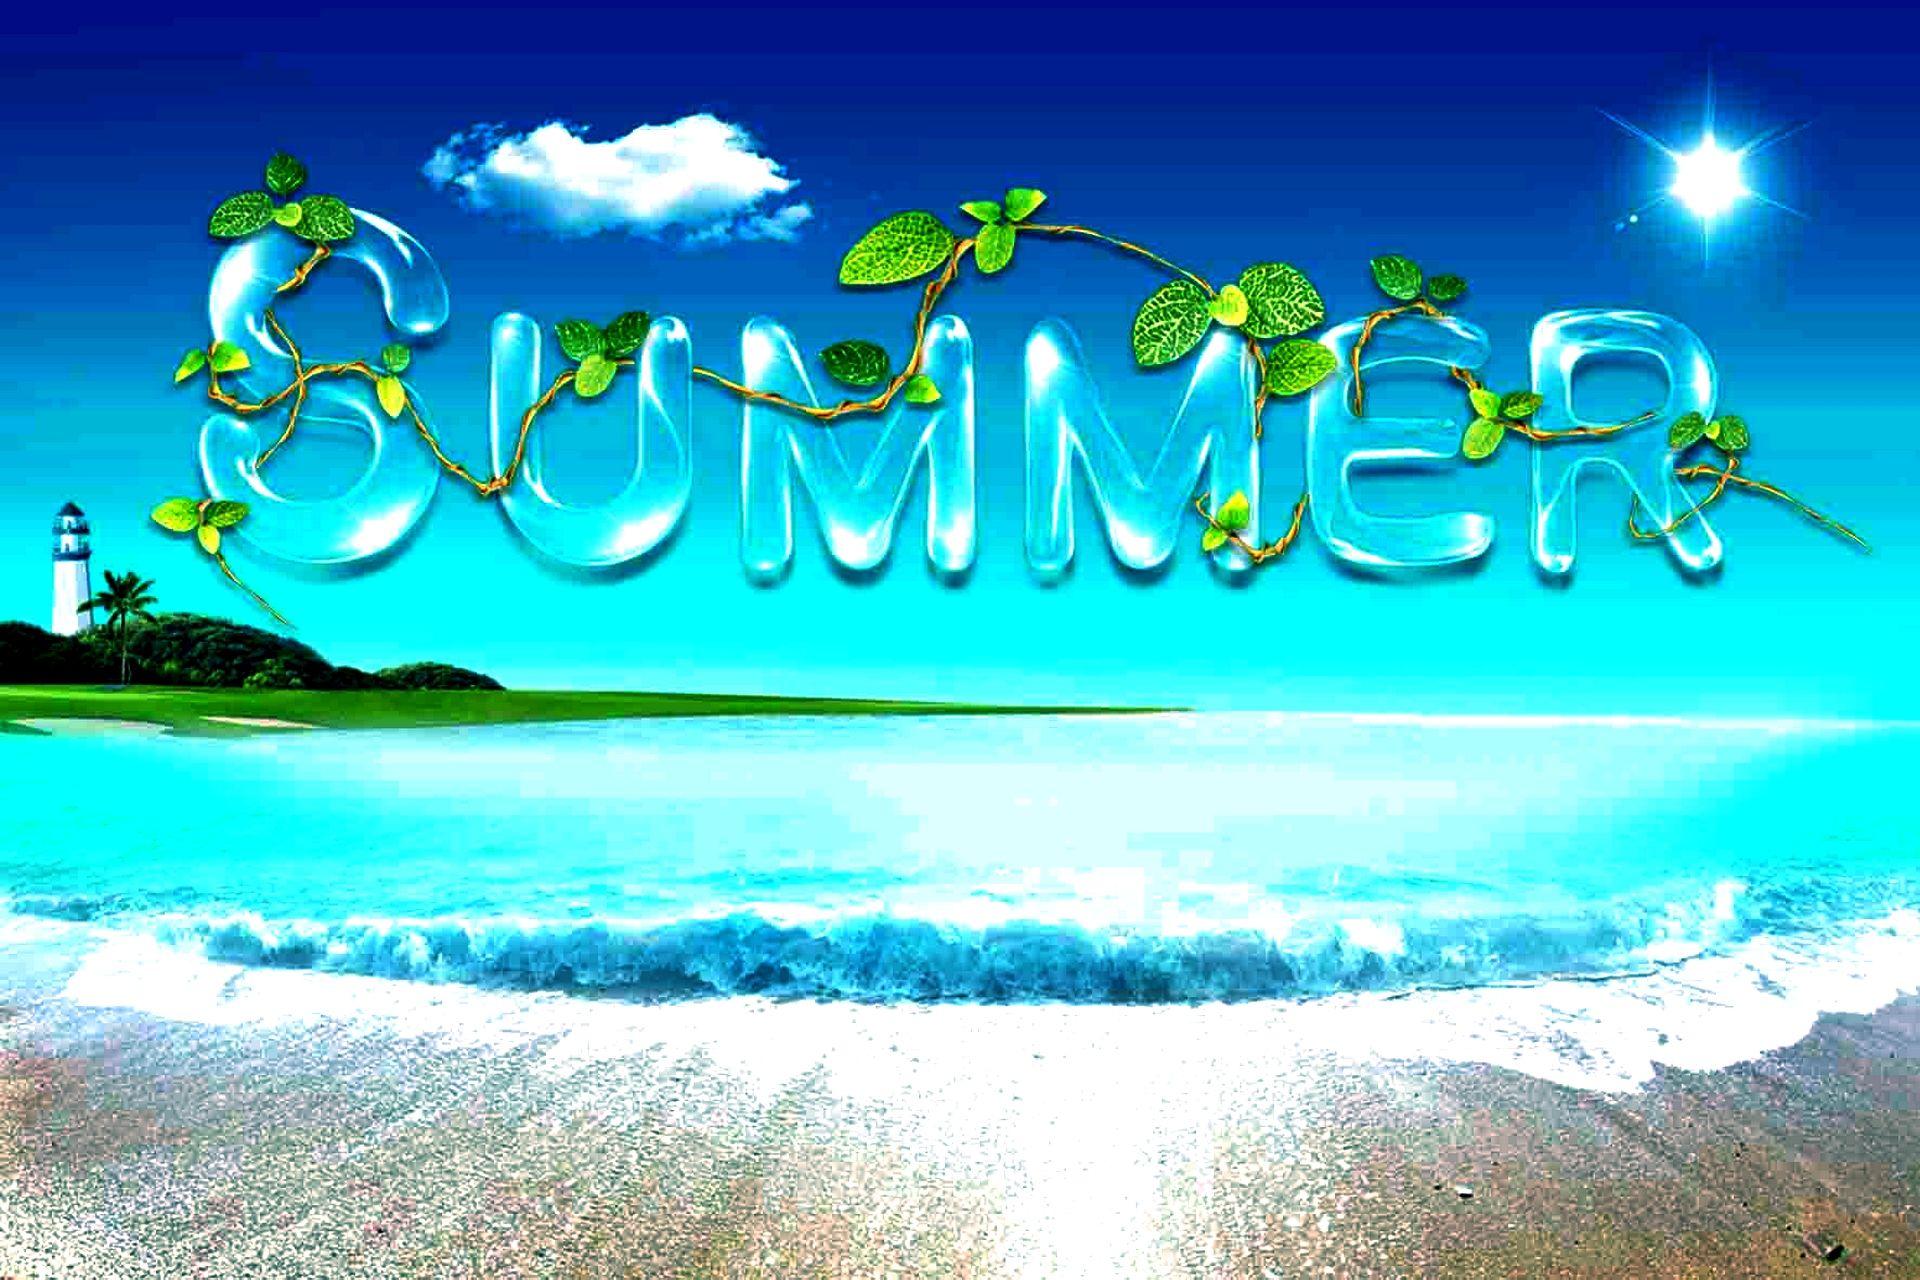 Calendar Live Wallpaper : June calendar wallpaper free download summer hd